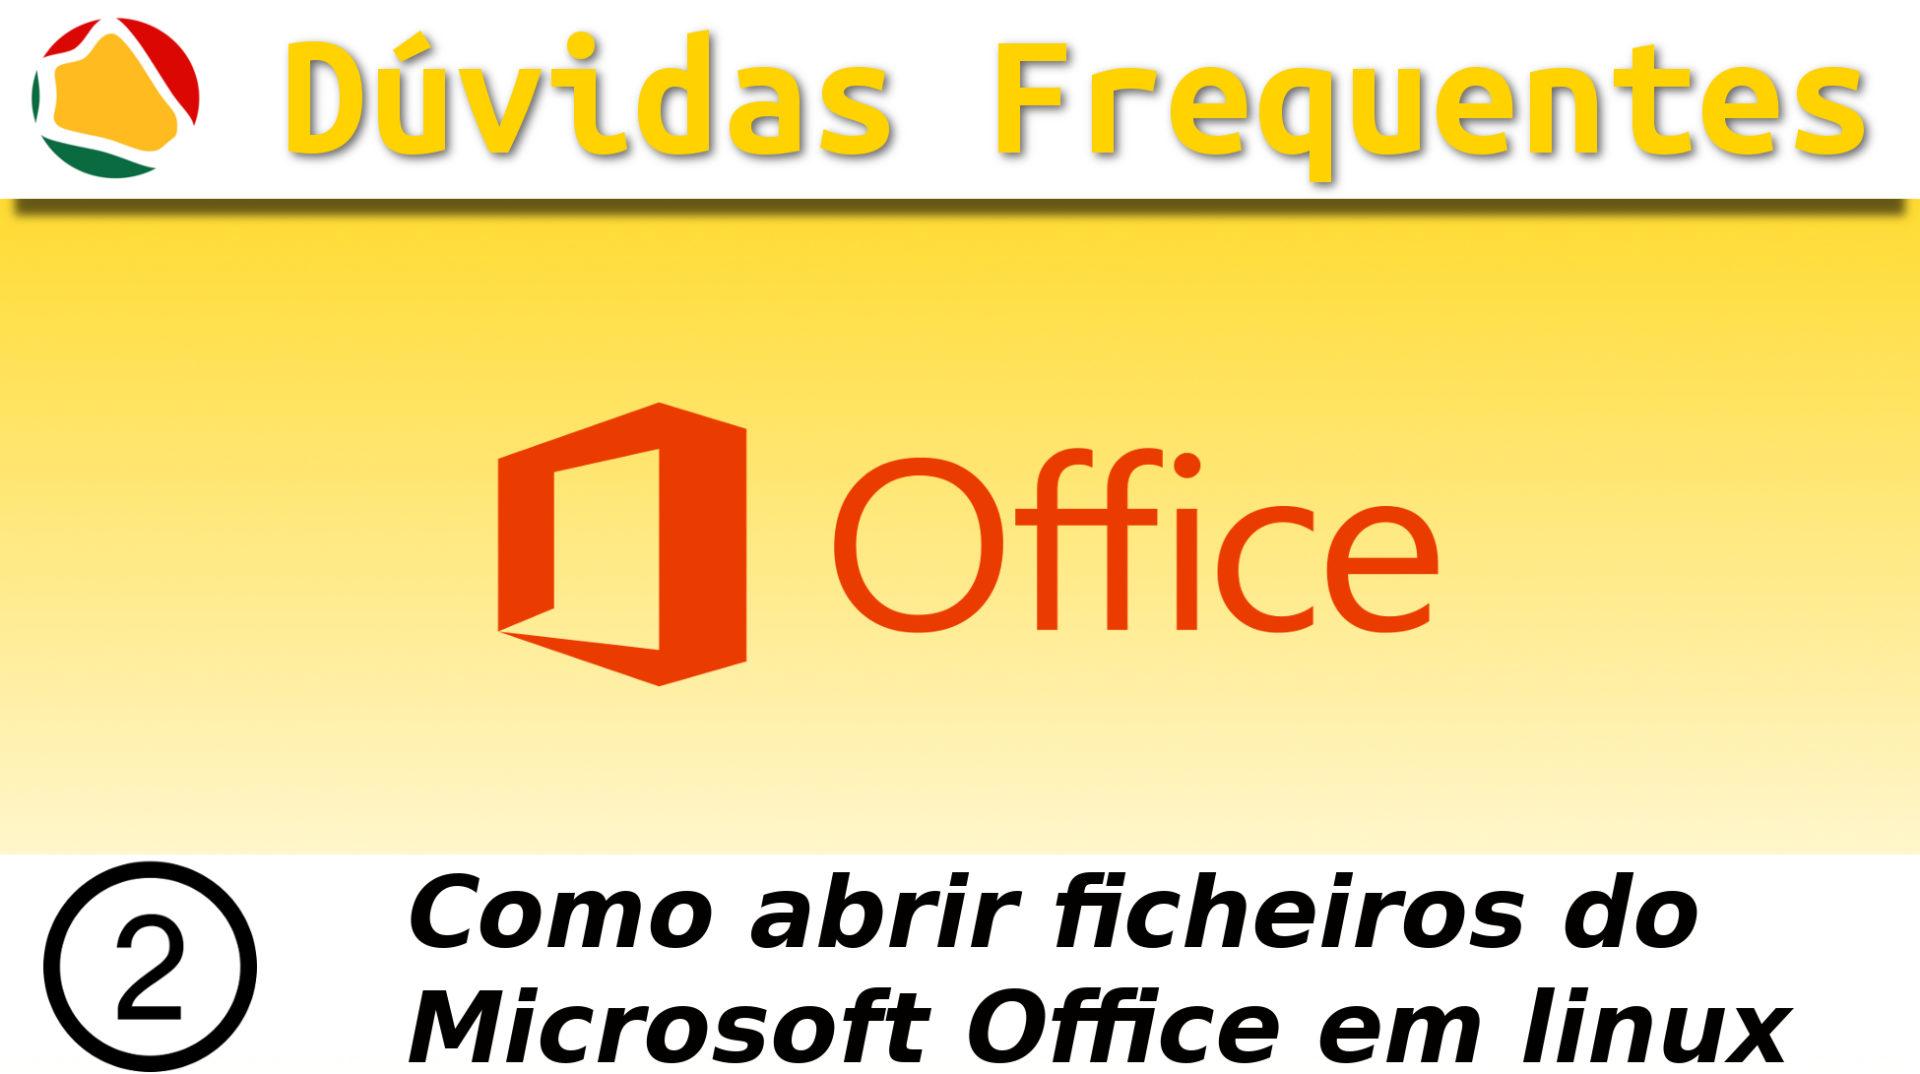 2.Como abrir ficheiros do Microsoft Office em Linux